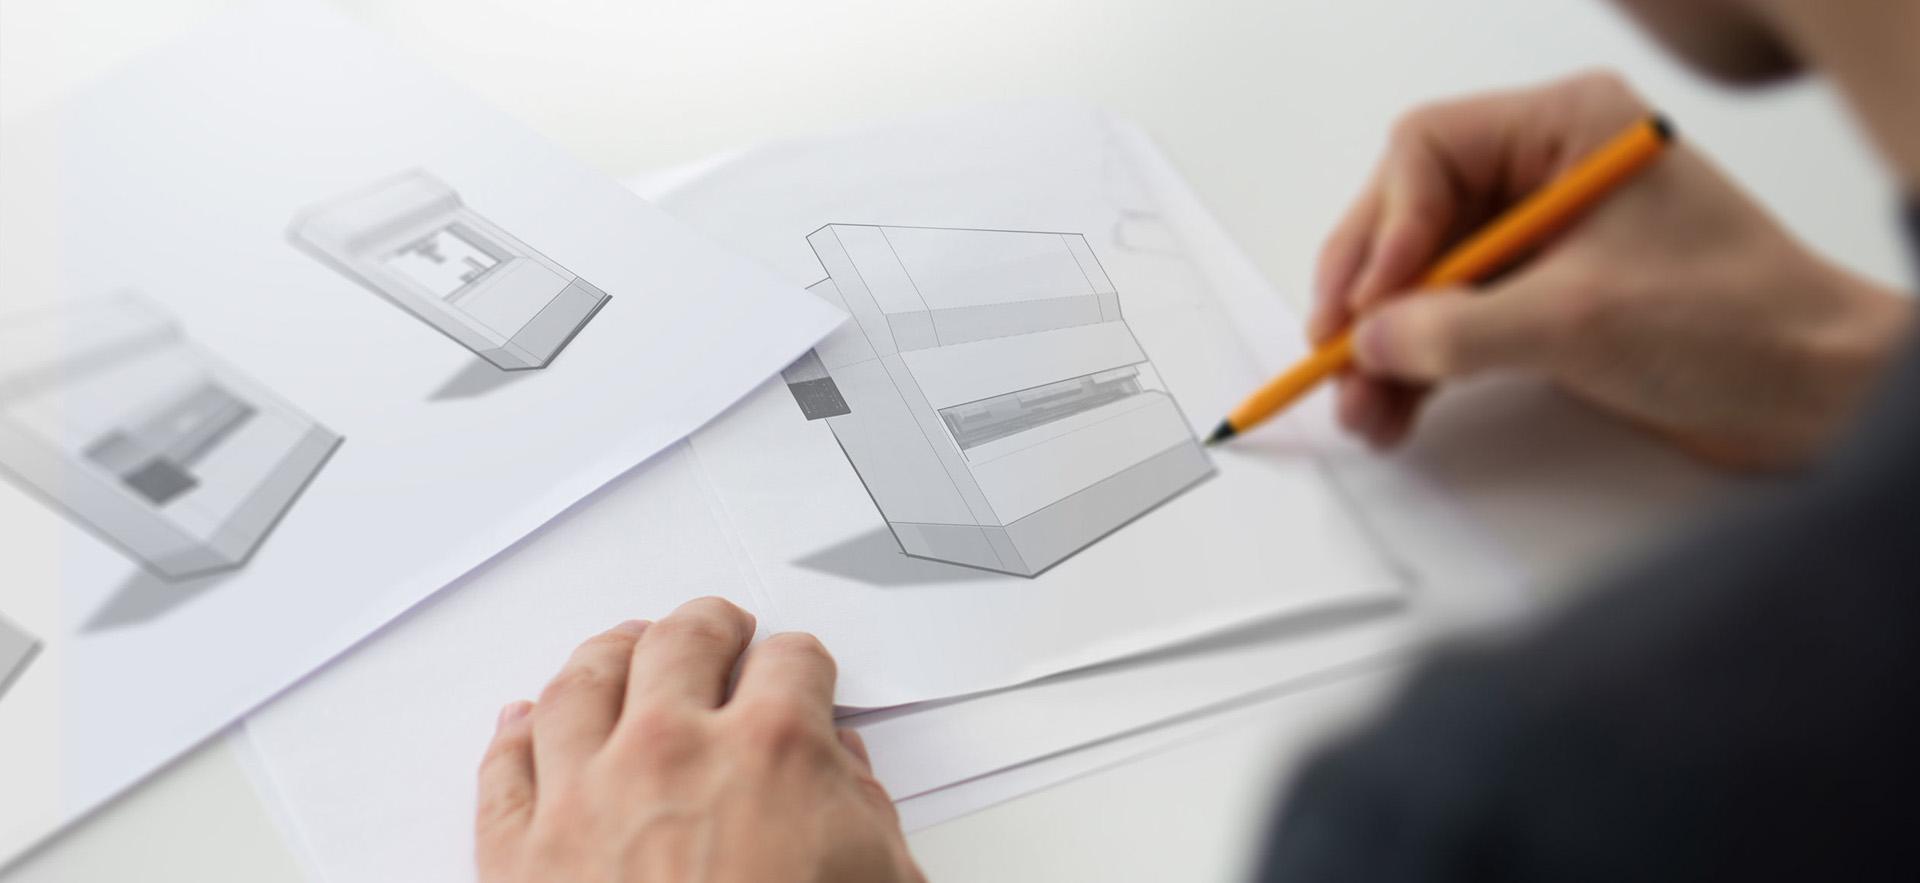 Industriedesign von Investitionsgütern